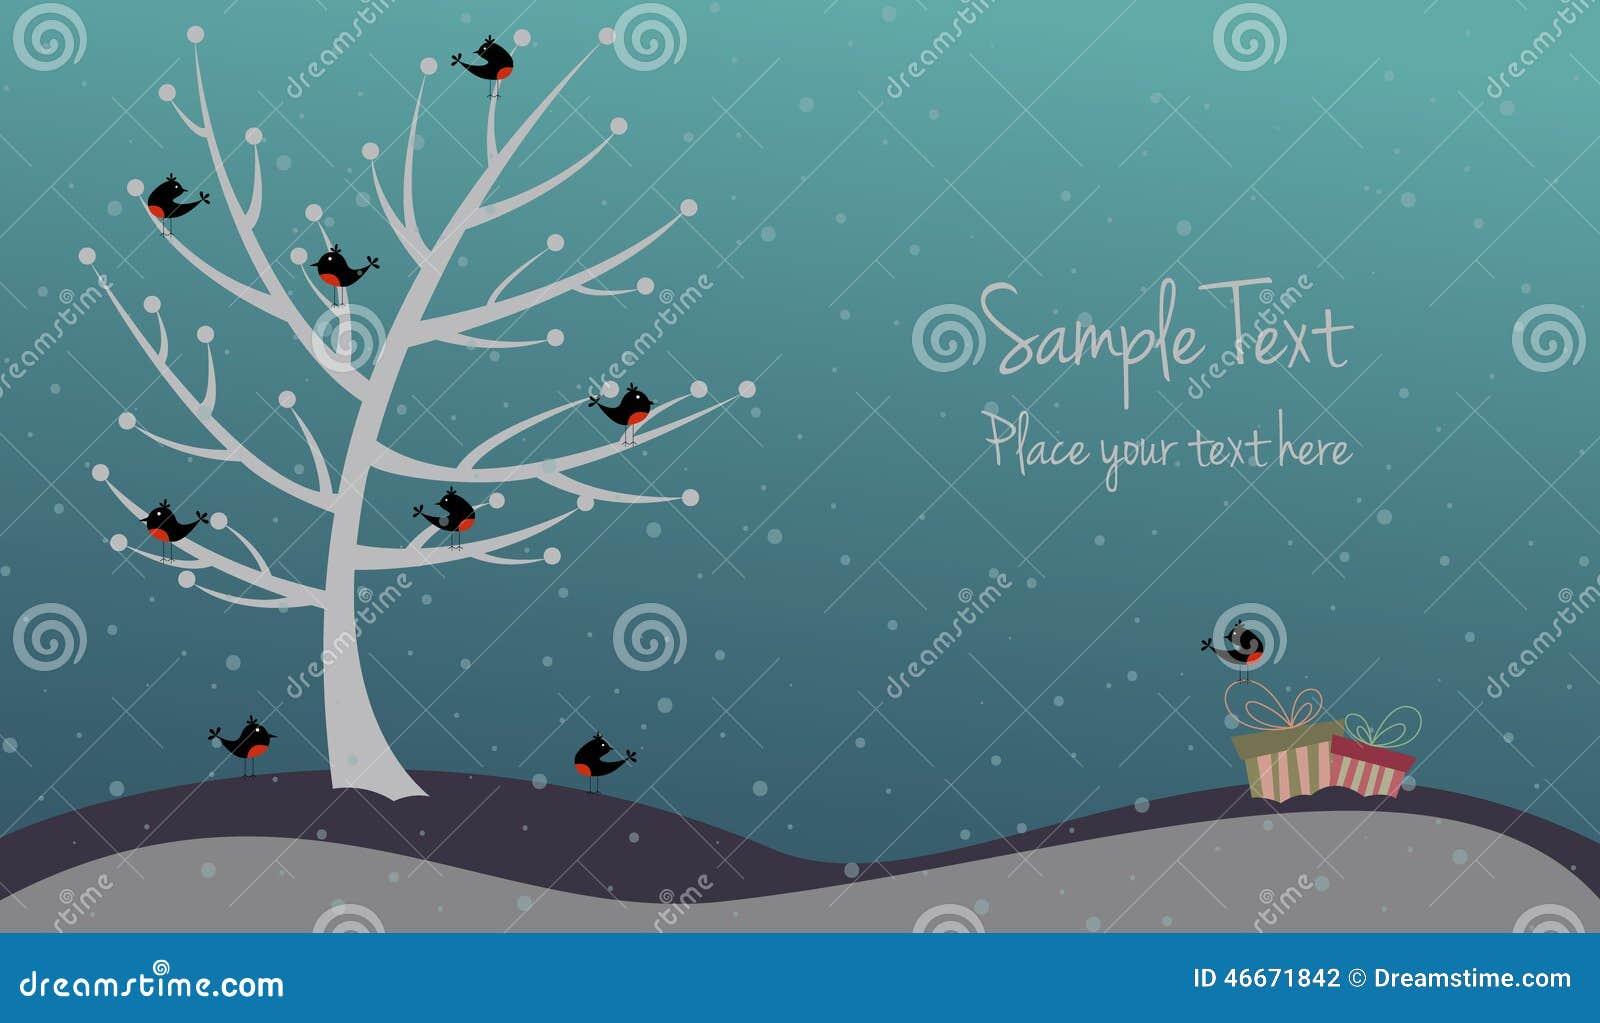 与鸟和礼物的逗人喜爱的圣诞卡